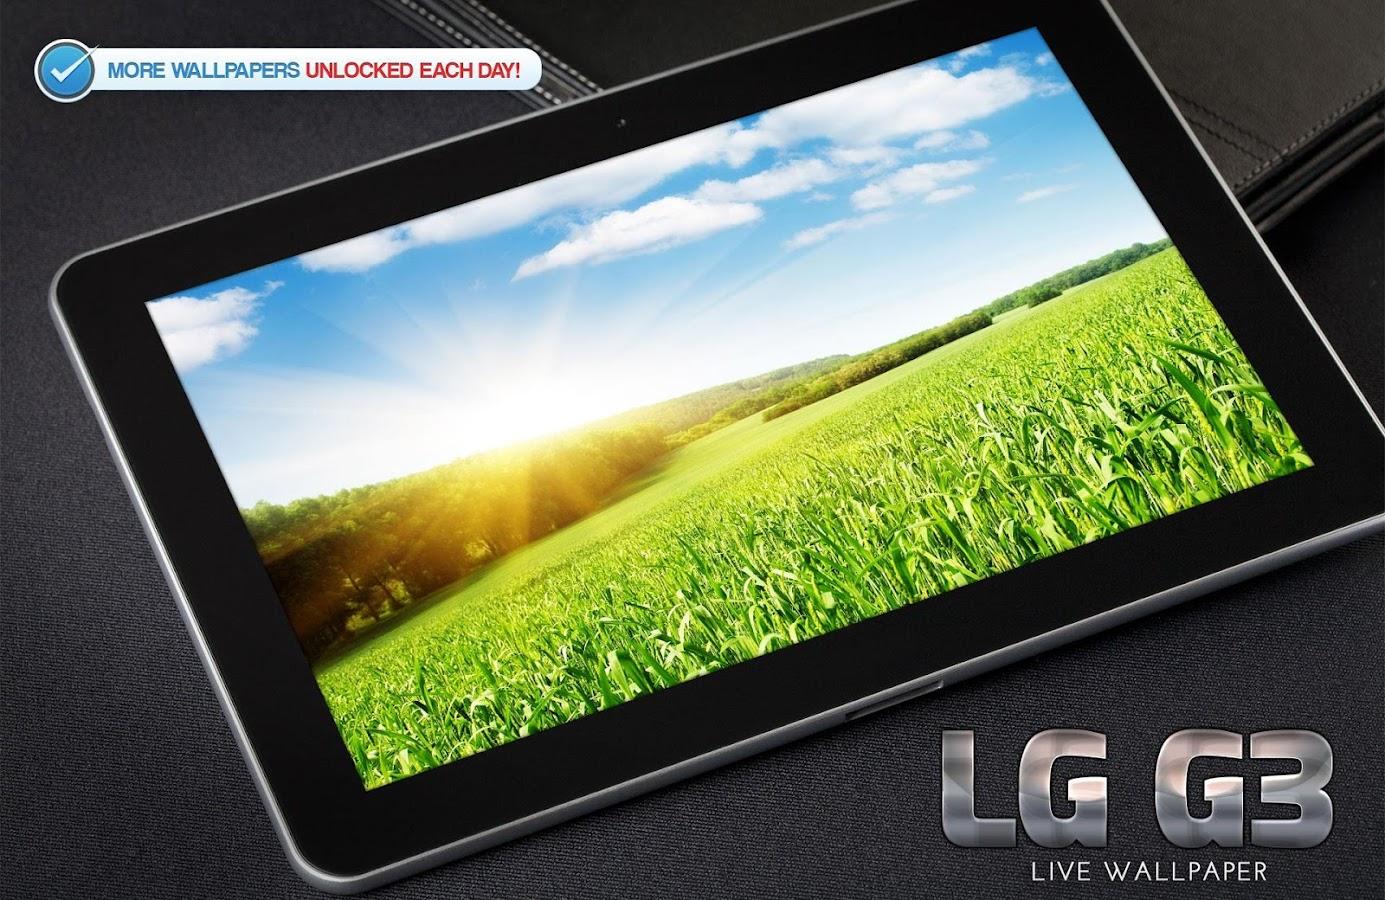 lg g3 live wallpaper - photo #16